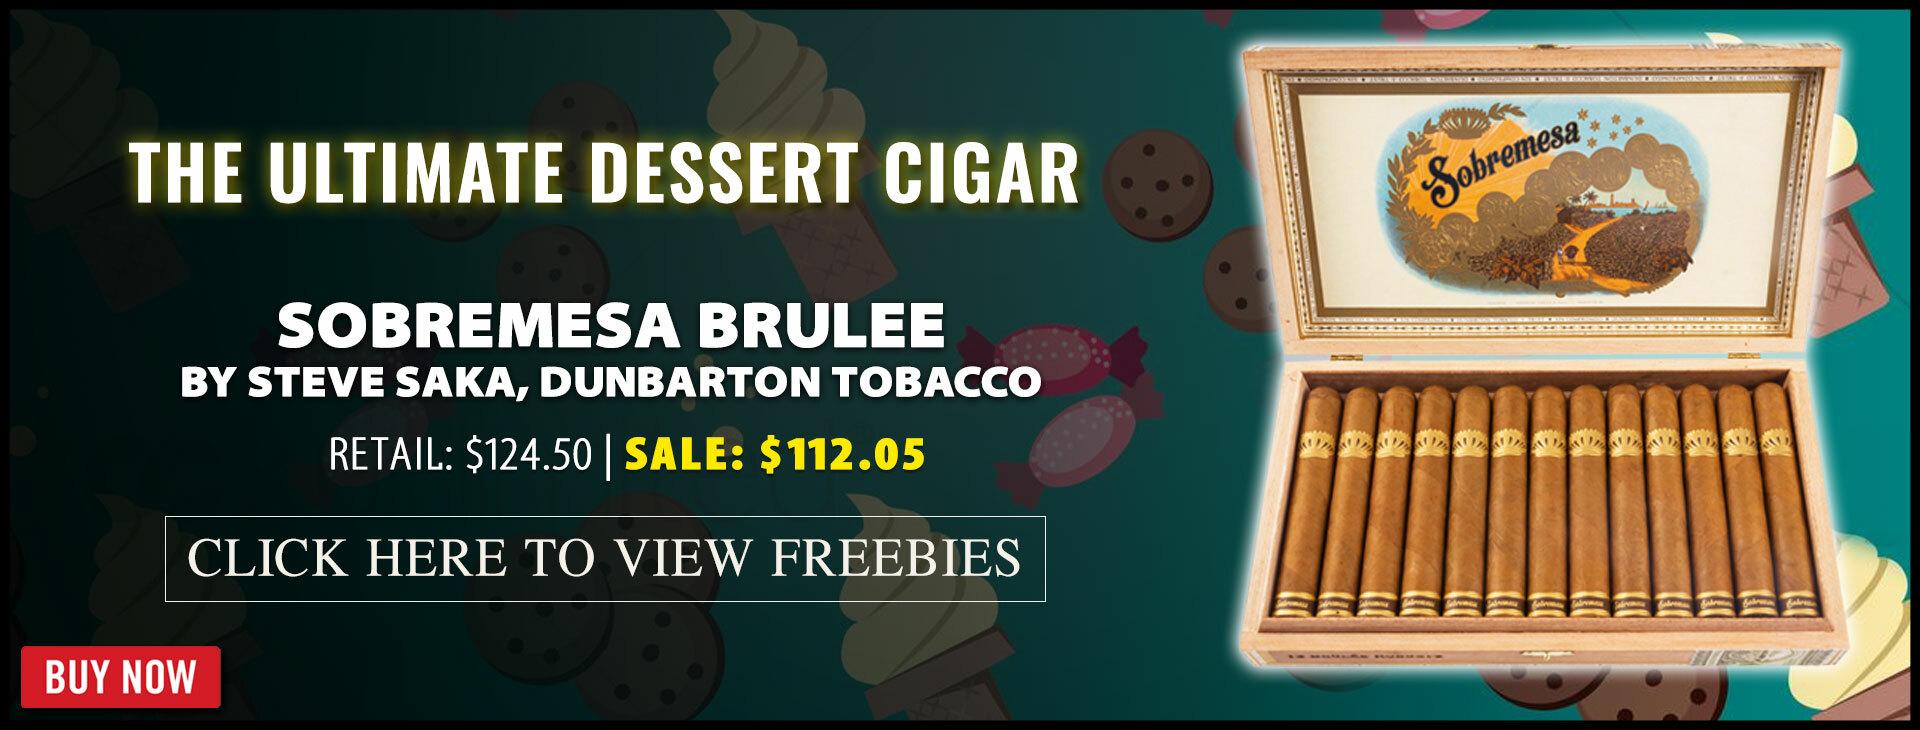 Insane Sobremesa Brulee 10-Pack Deals!